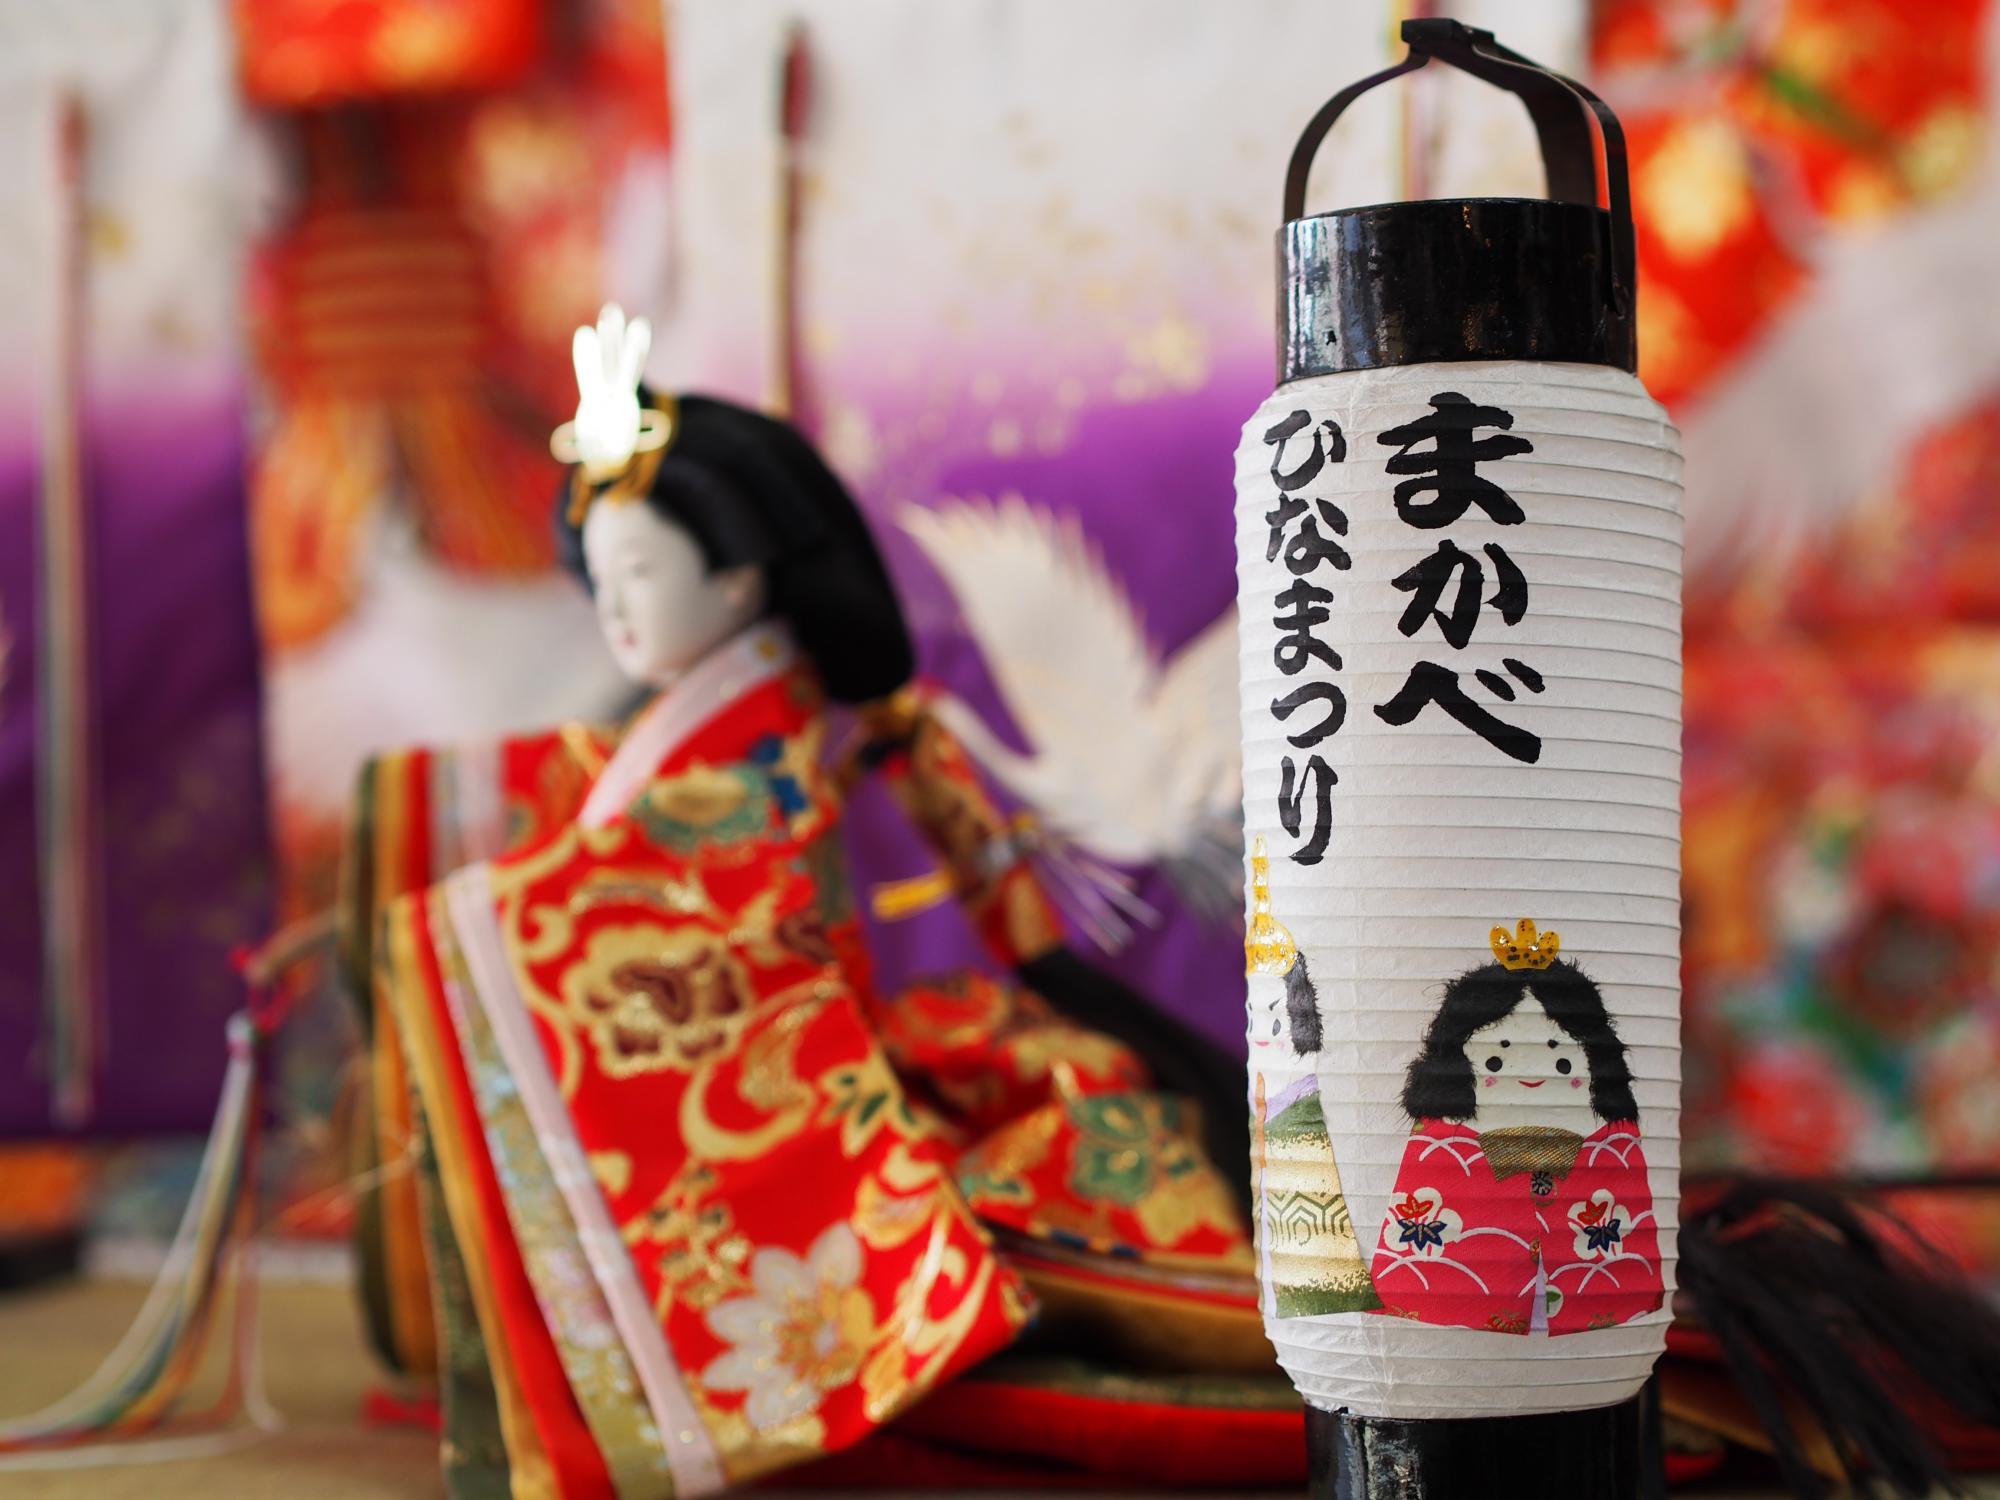 『ひなまつりフォトコンテスト入賞作品 飯島敦』の画像